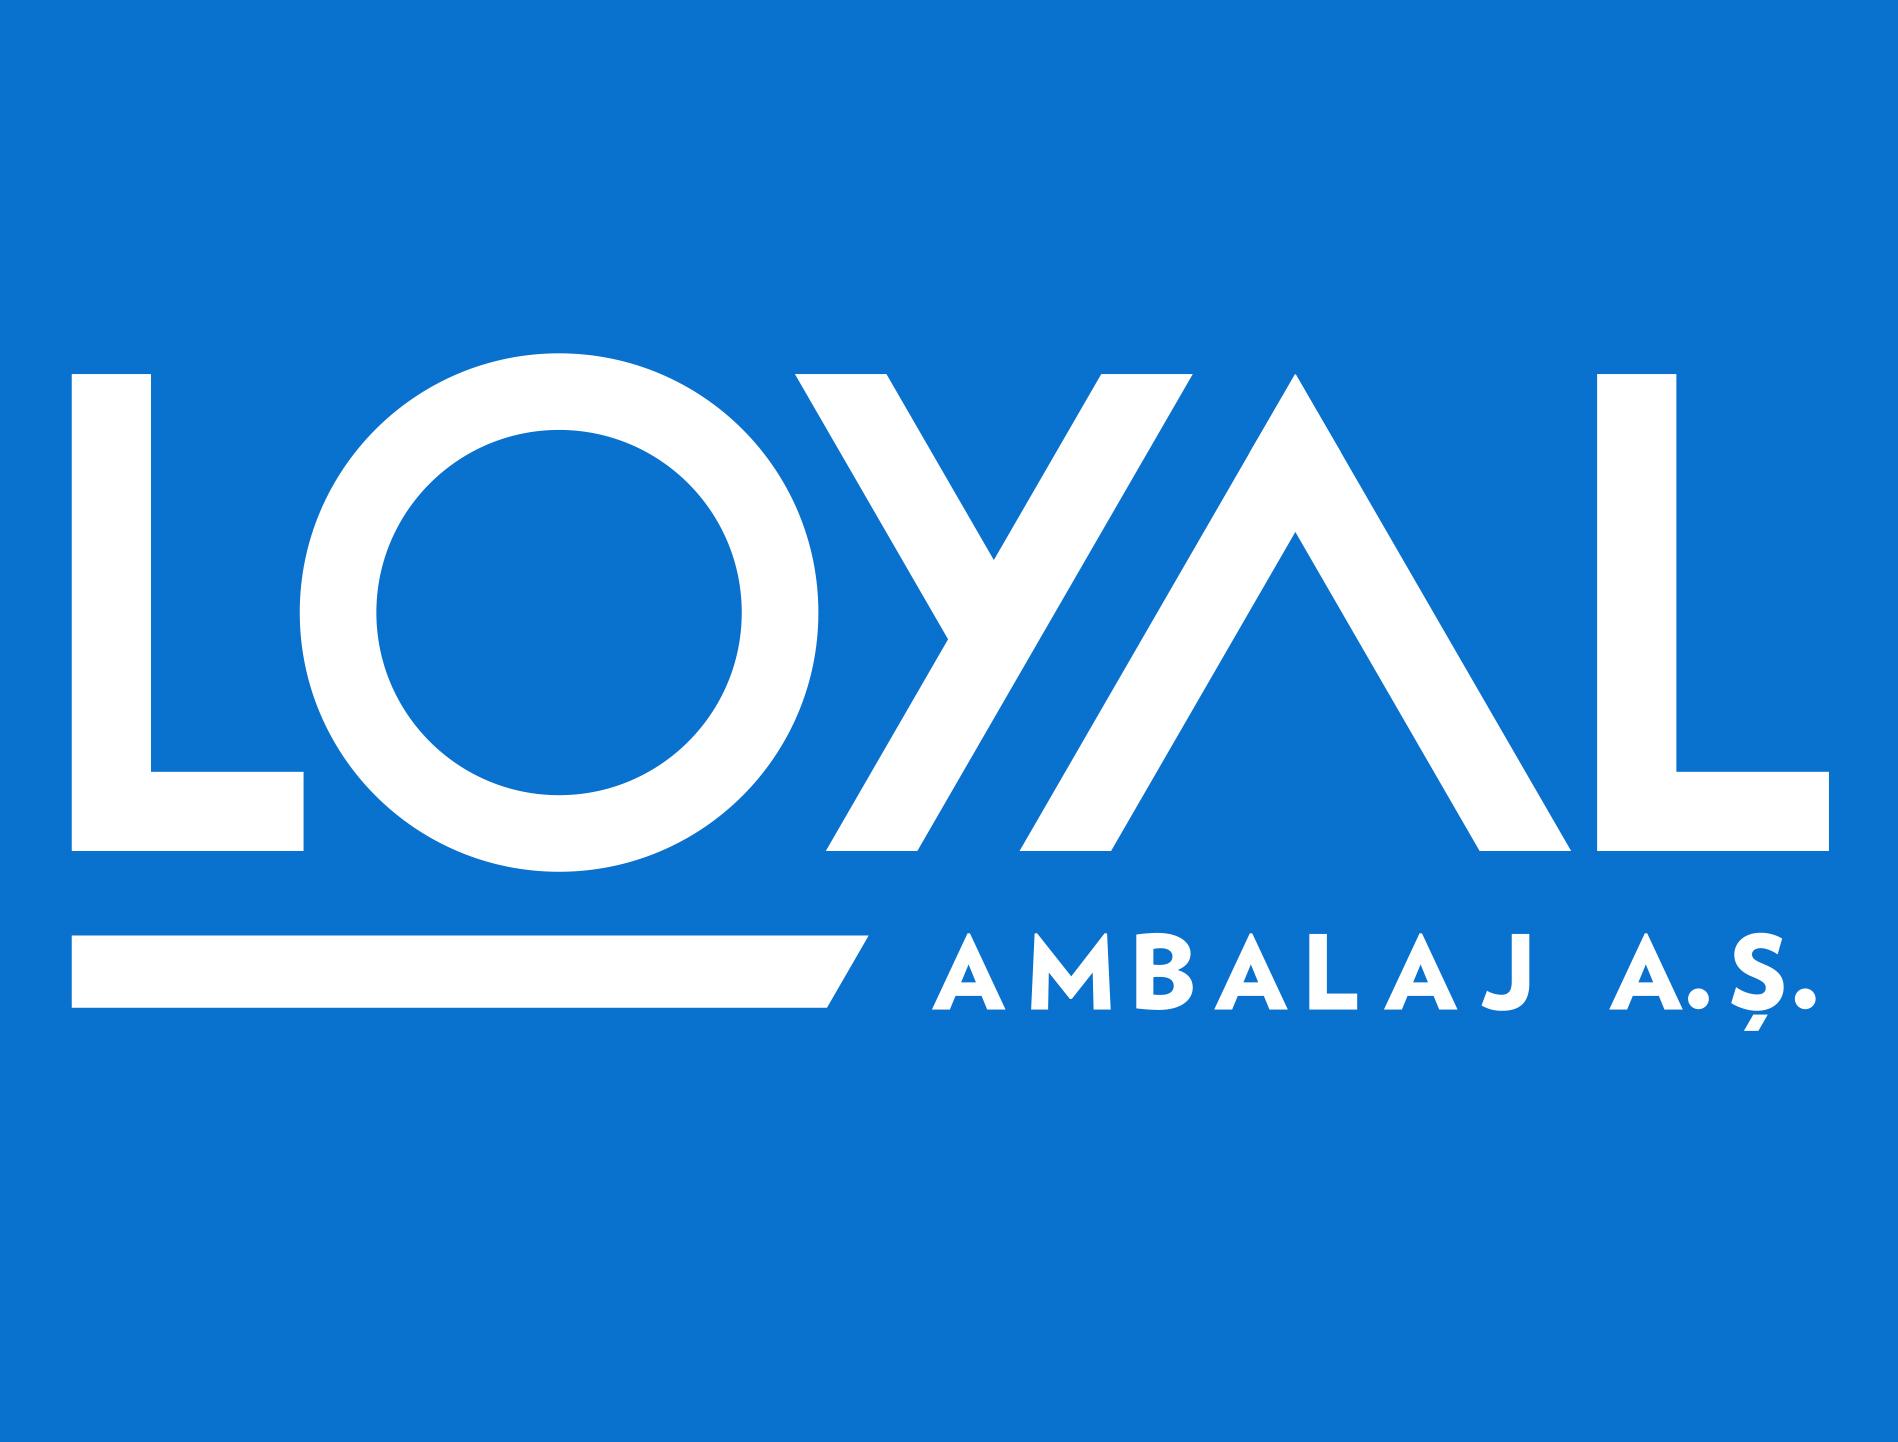 LOYAL AMBALAJ SAN. VE TIC. A.S.